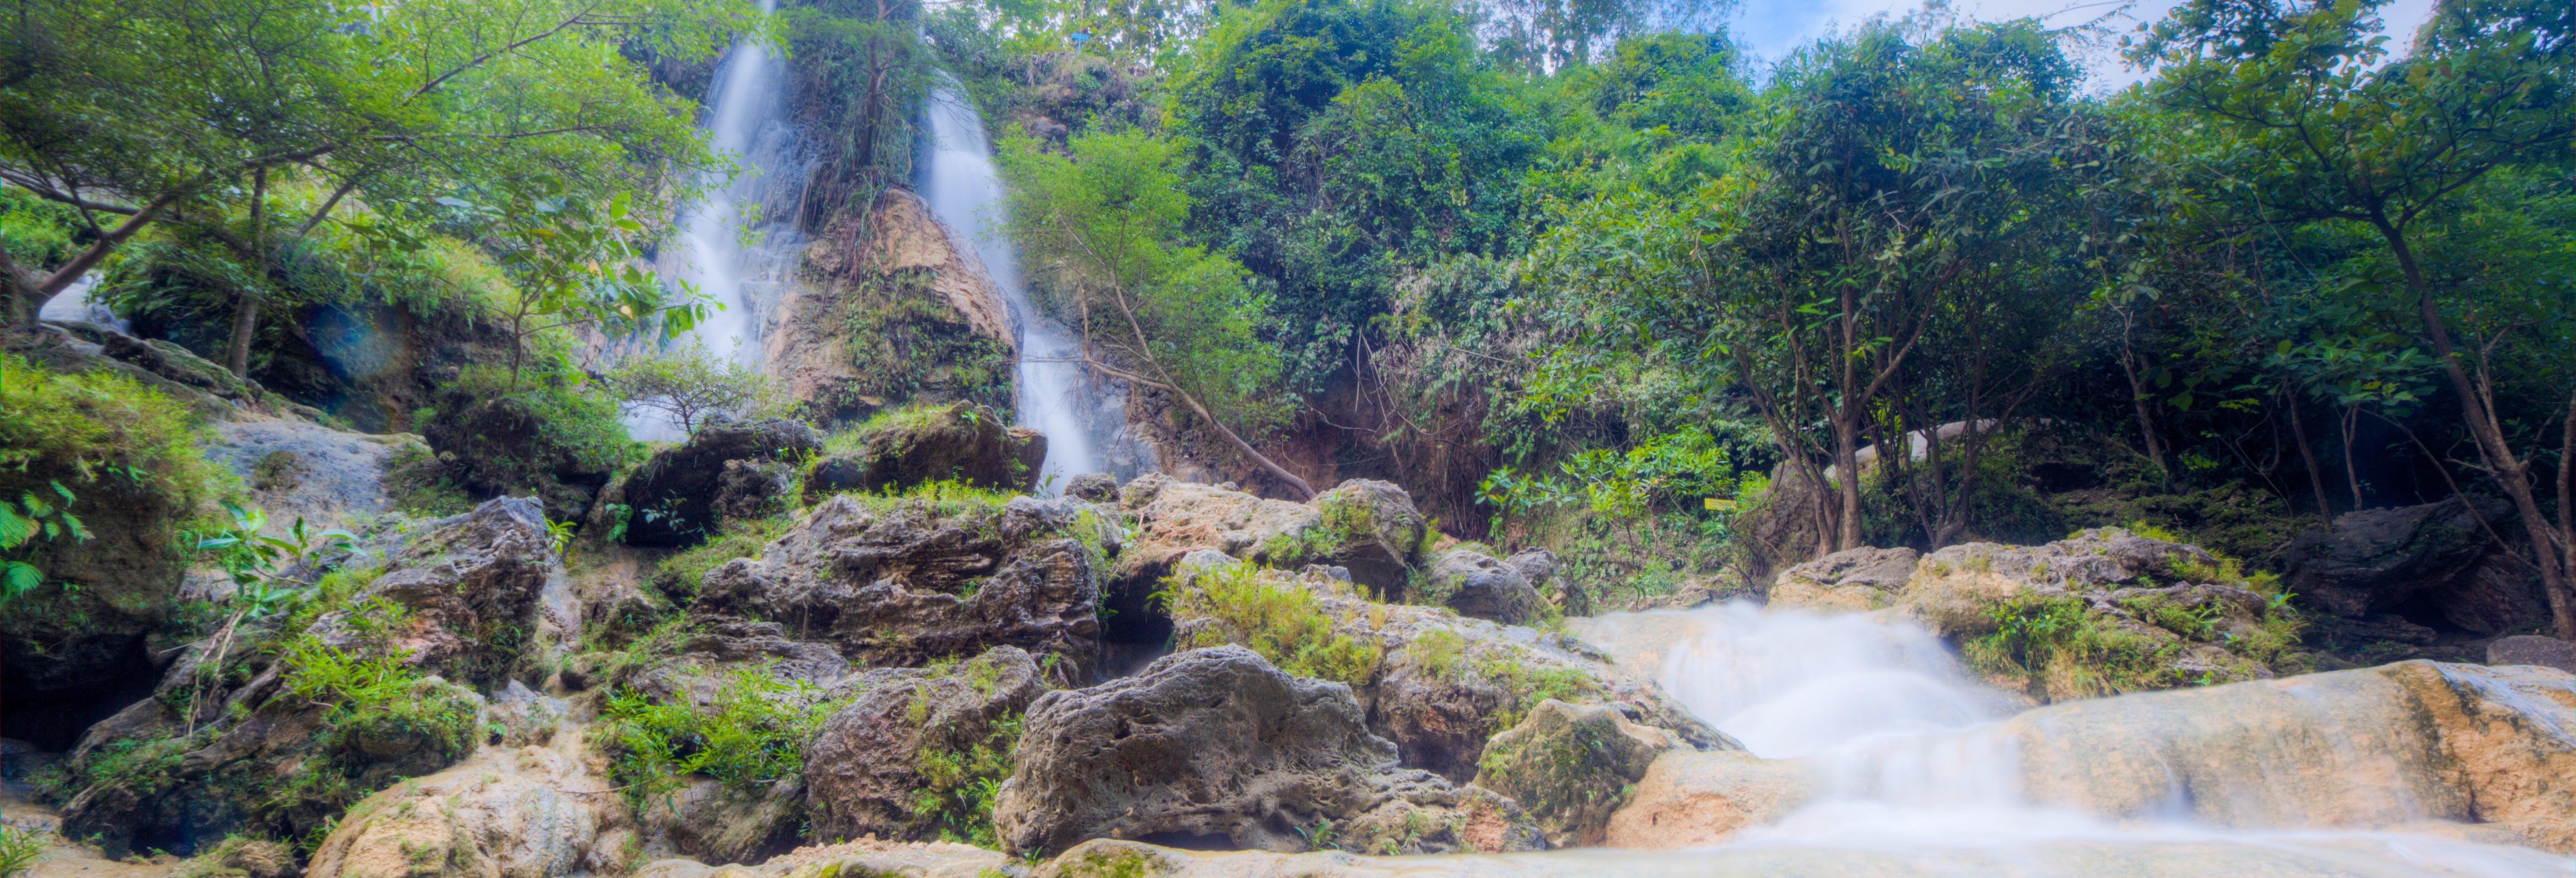 Cave Tubing nella grotta Pindul + Cascate Sri Gethuk